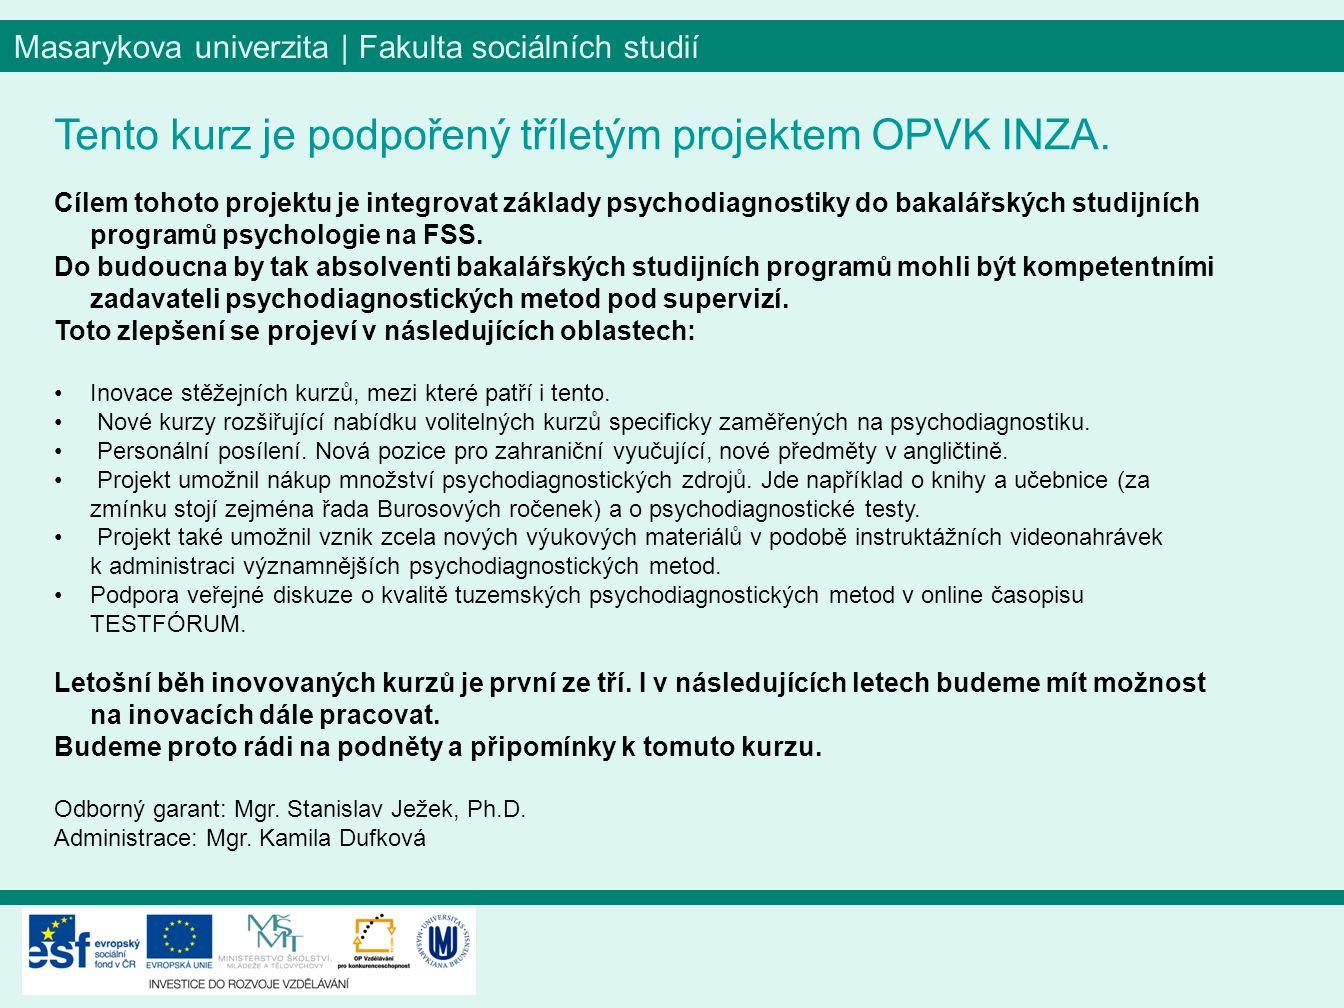 Masarykova univerzita | Fakulta sociálních studií Tento kurz je podpořený tříletým projektem OPVK INZA.